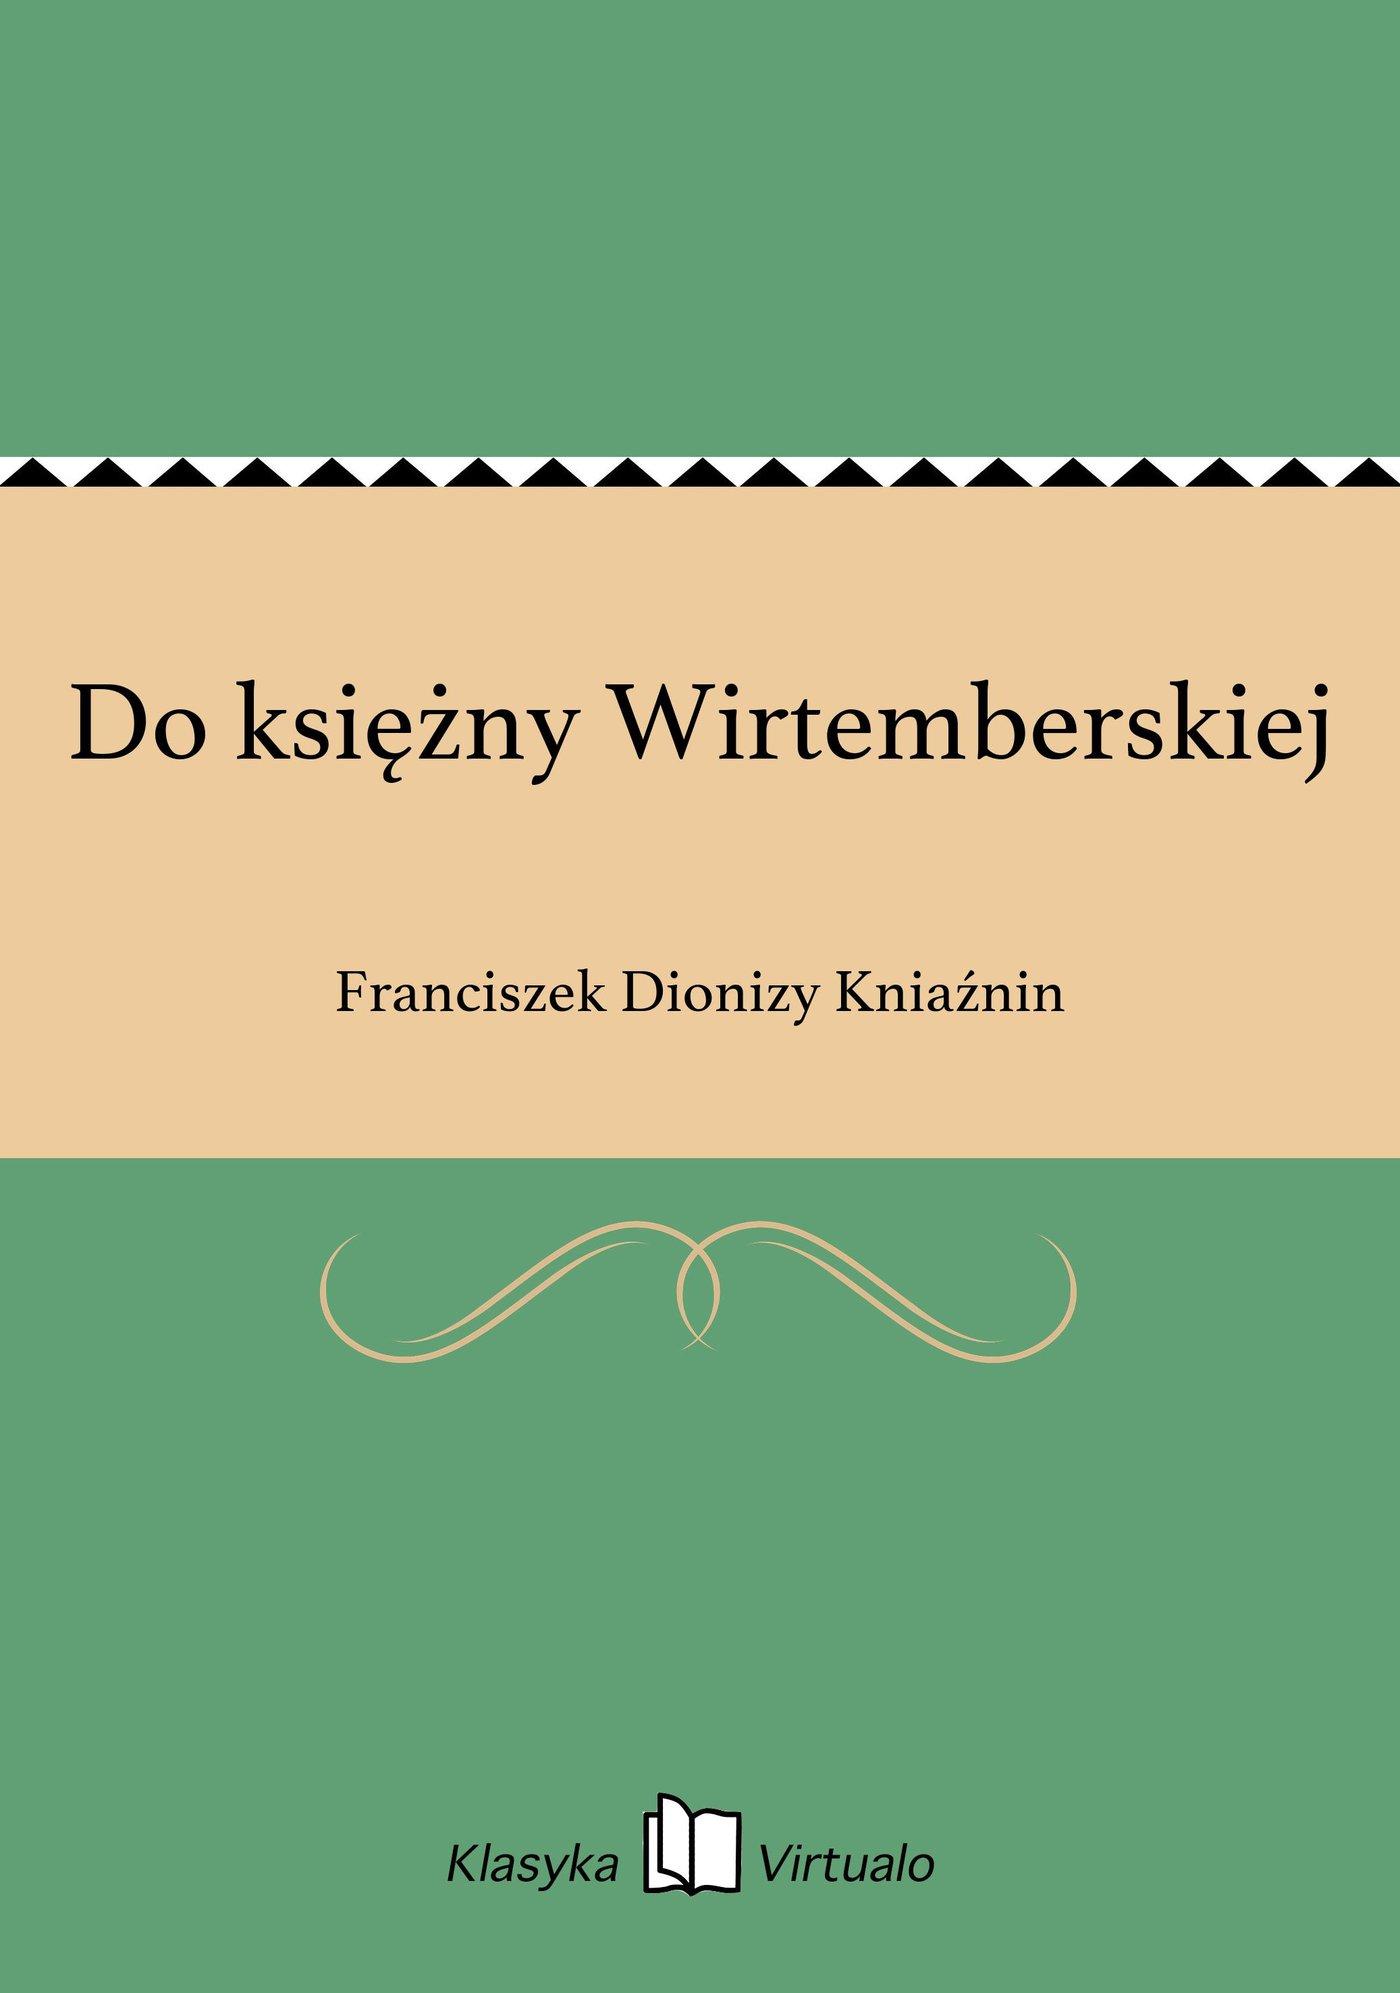 Do księżny Wirtemberskiej - Ebook (Książka EPUB) do pobrania w formacie EPUB